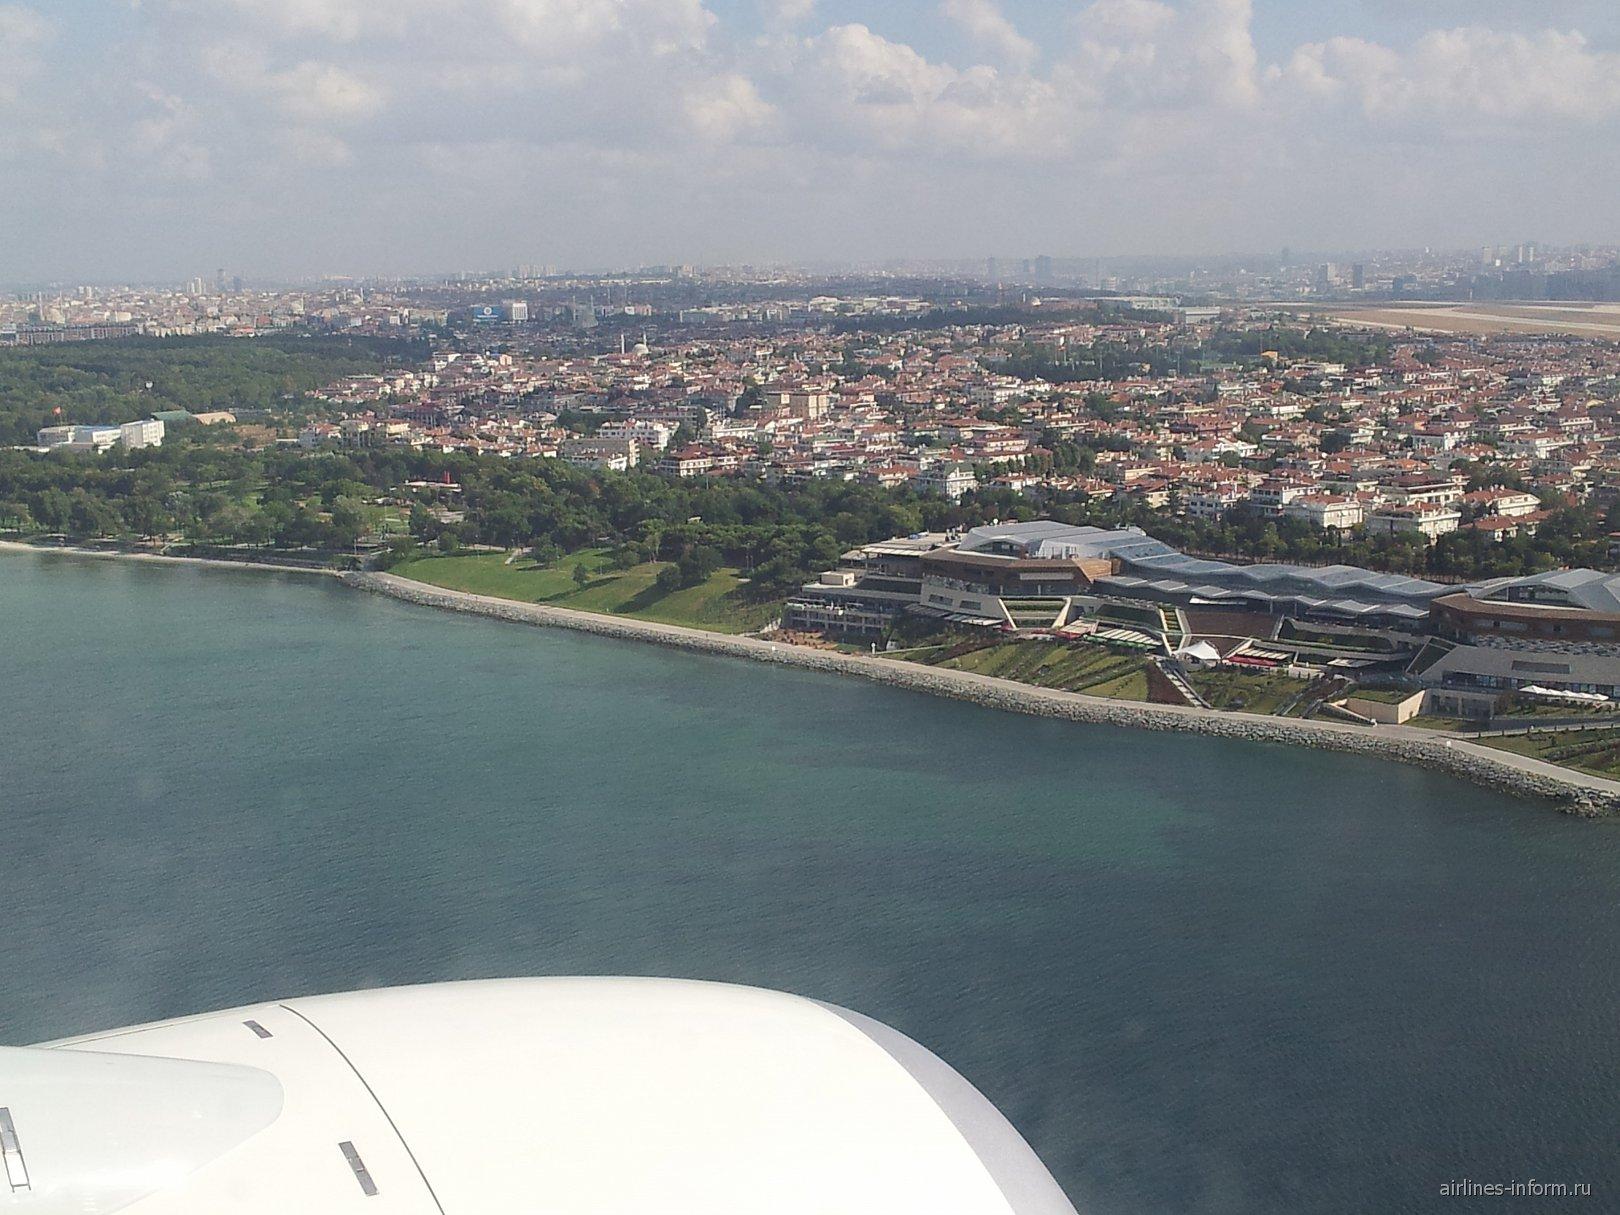 Вид на Стамбул перед посадкой в аэропорту имени Ататюрка